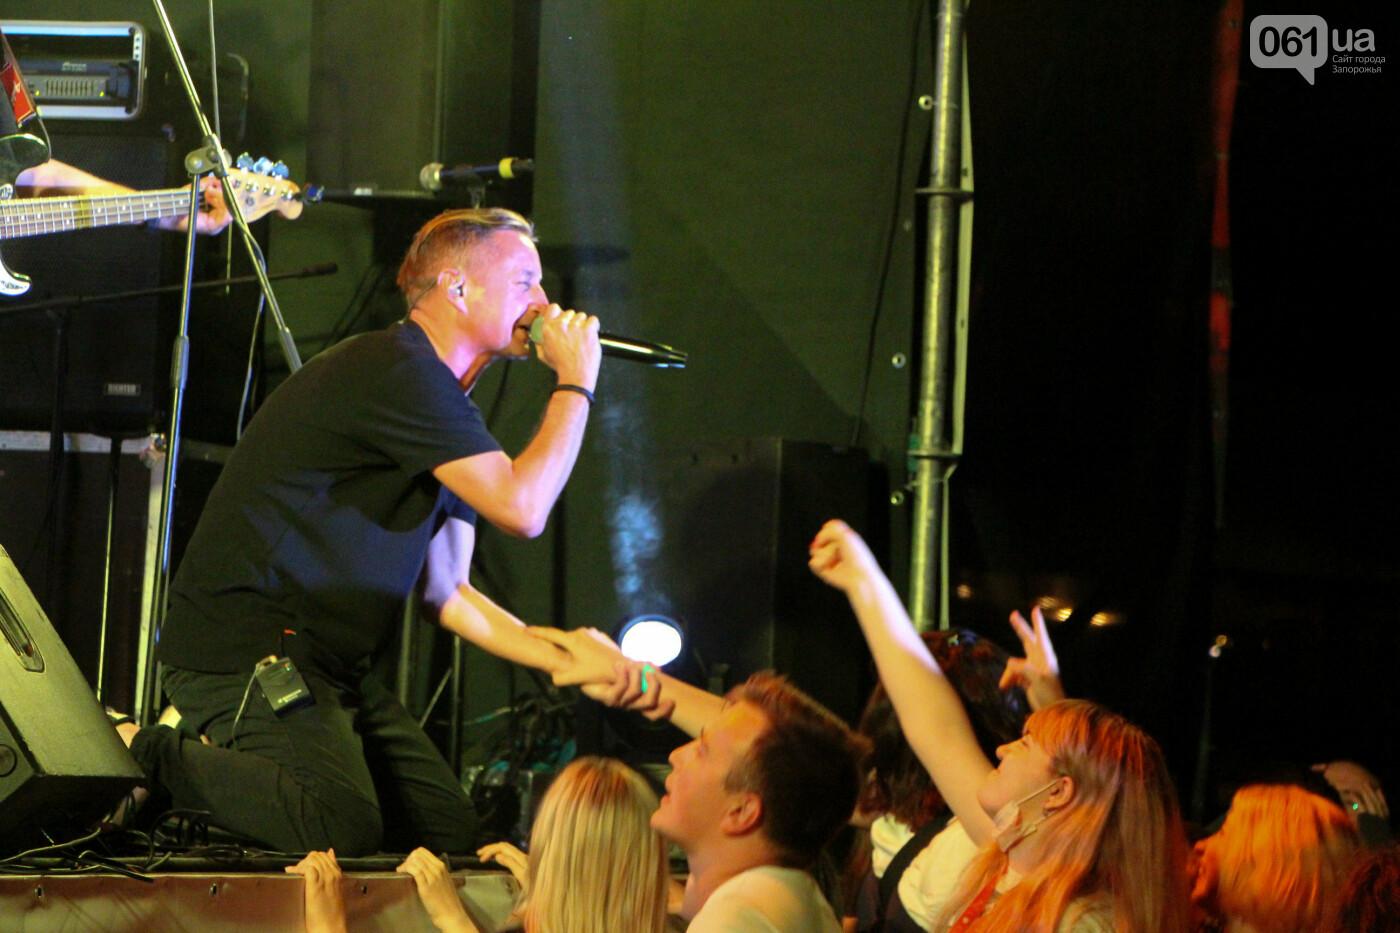 Концерт группы «Жадан і Собаки» собрал сотни запорожцев: как это было, - ФОТОРЕПОРТАЖ, фото-37